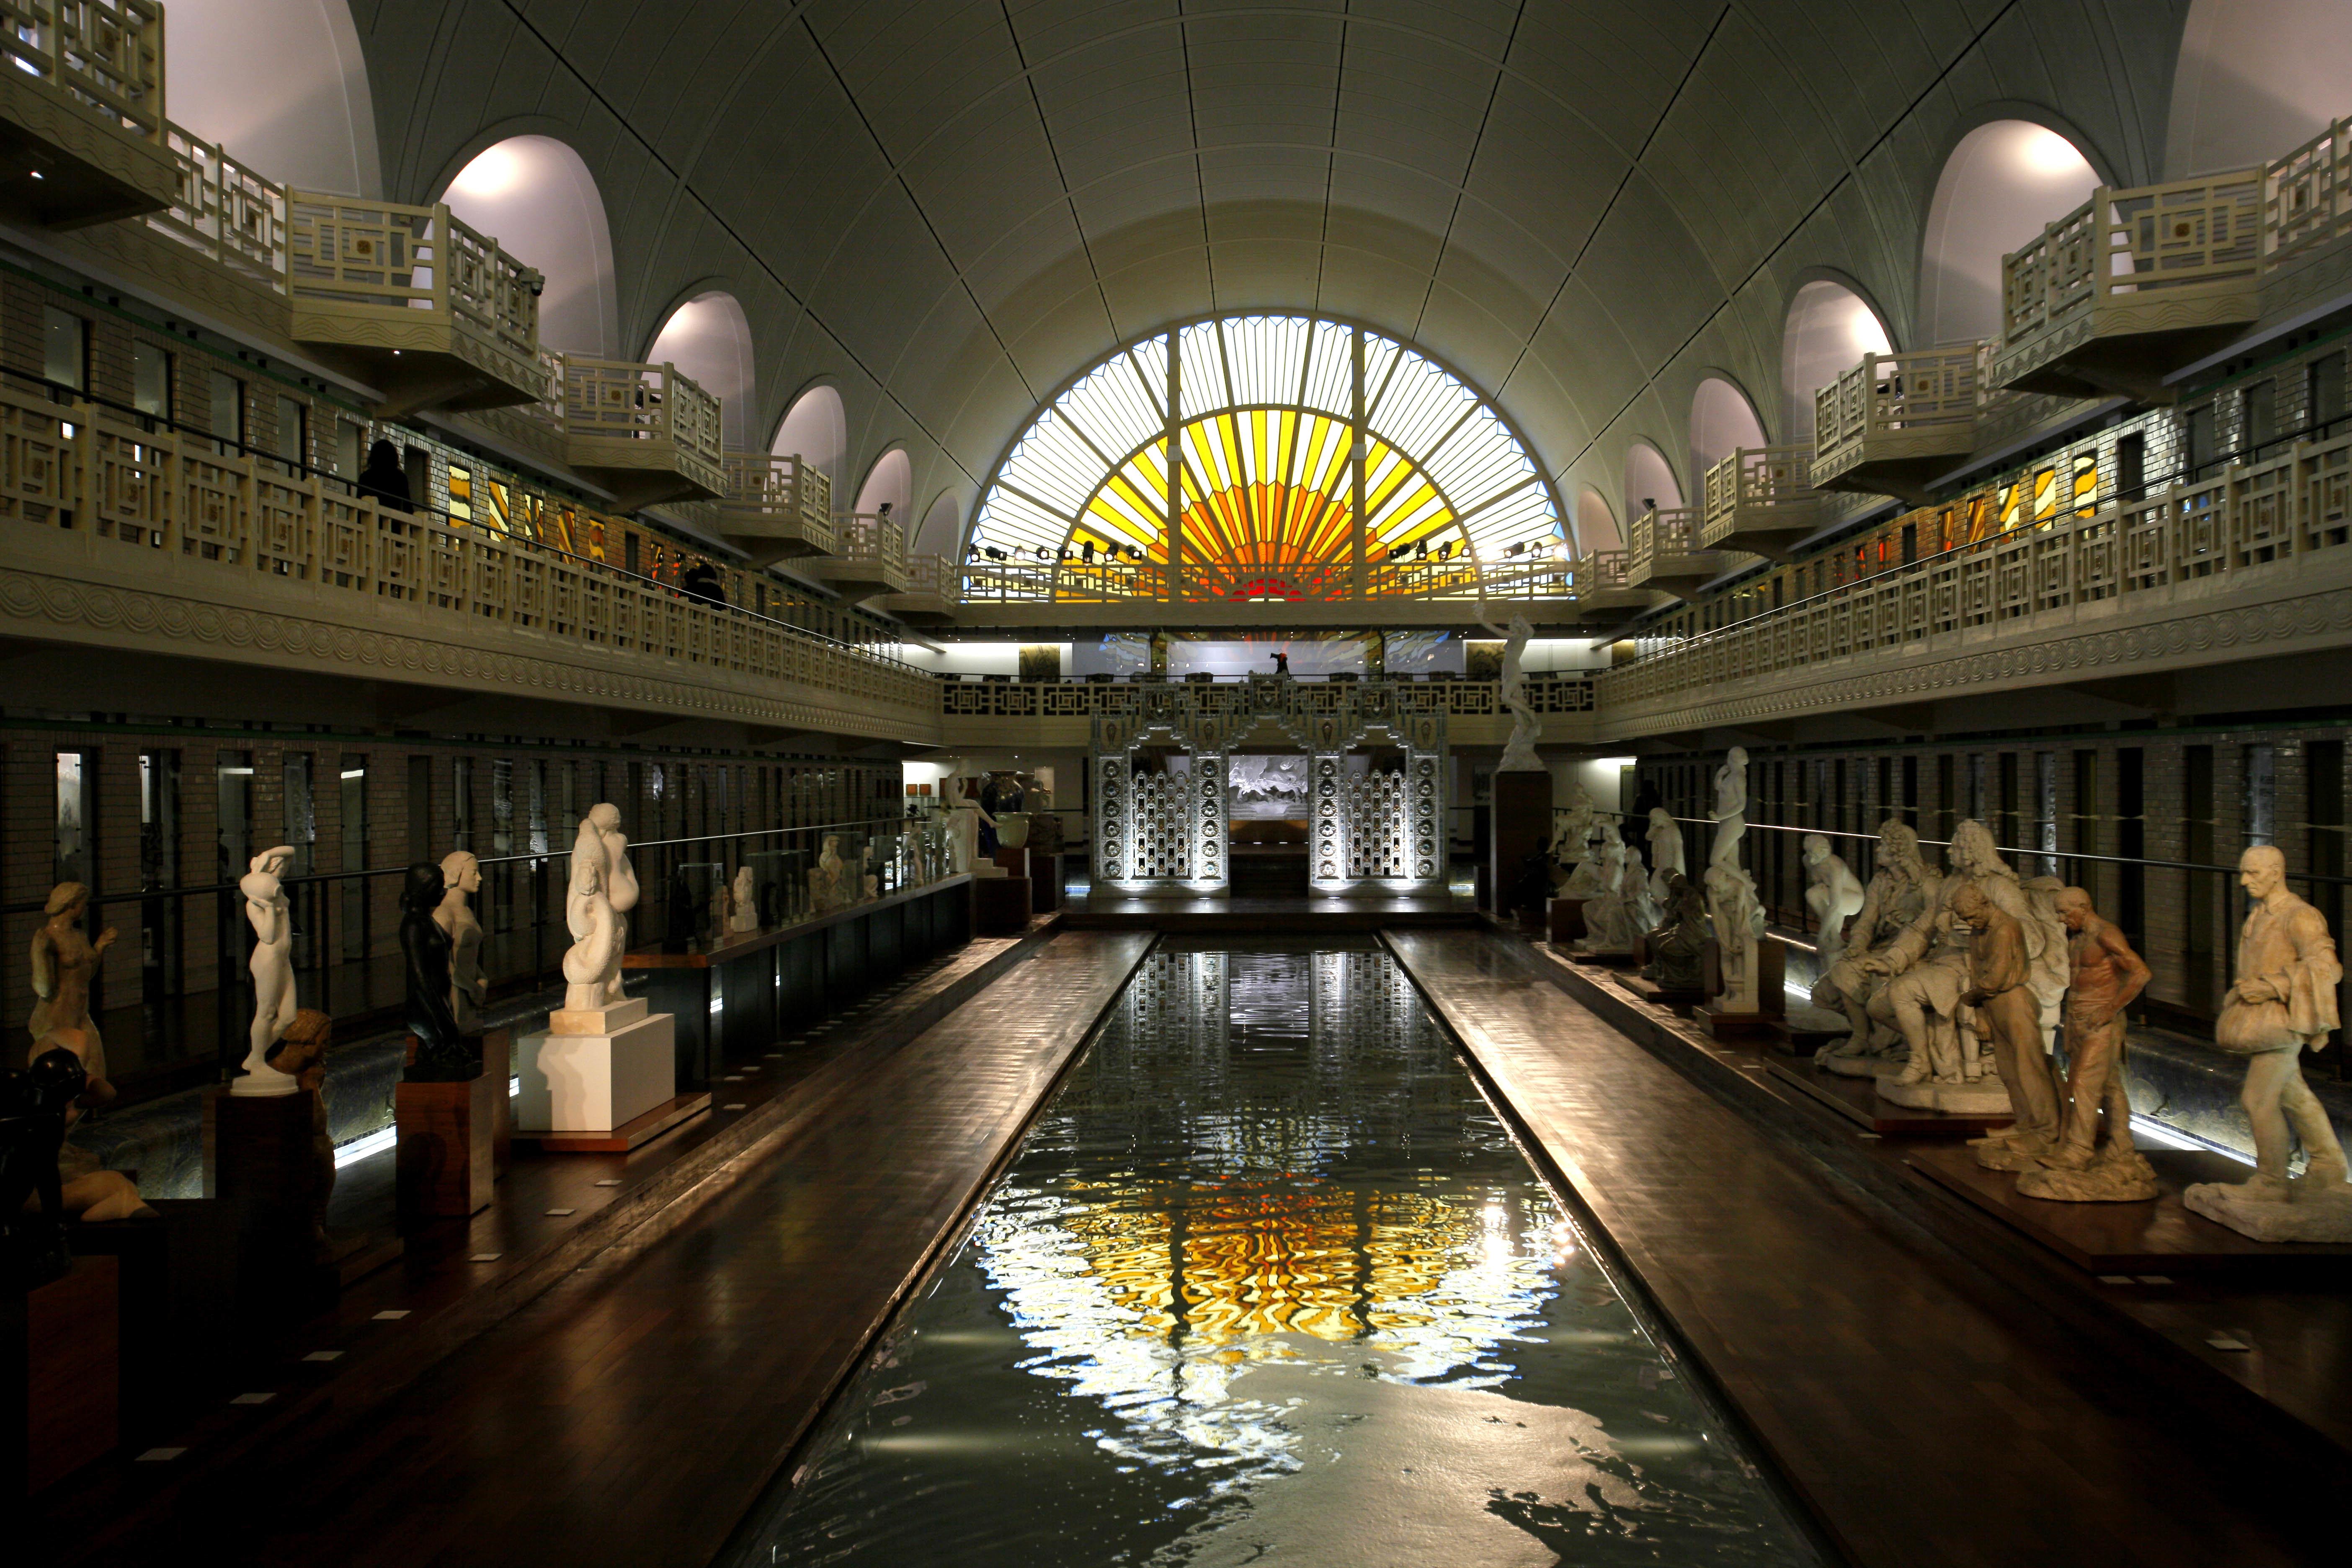 Το μουσείο -κόσμημα που άλλαξε τη μοίρα μιας φτωχής, παρηκμασμένης